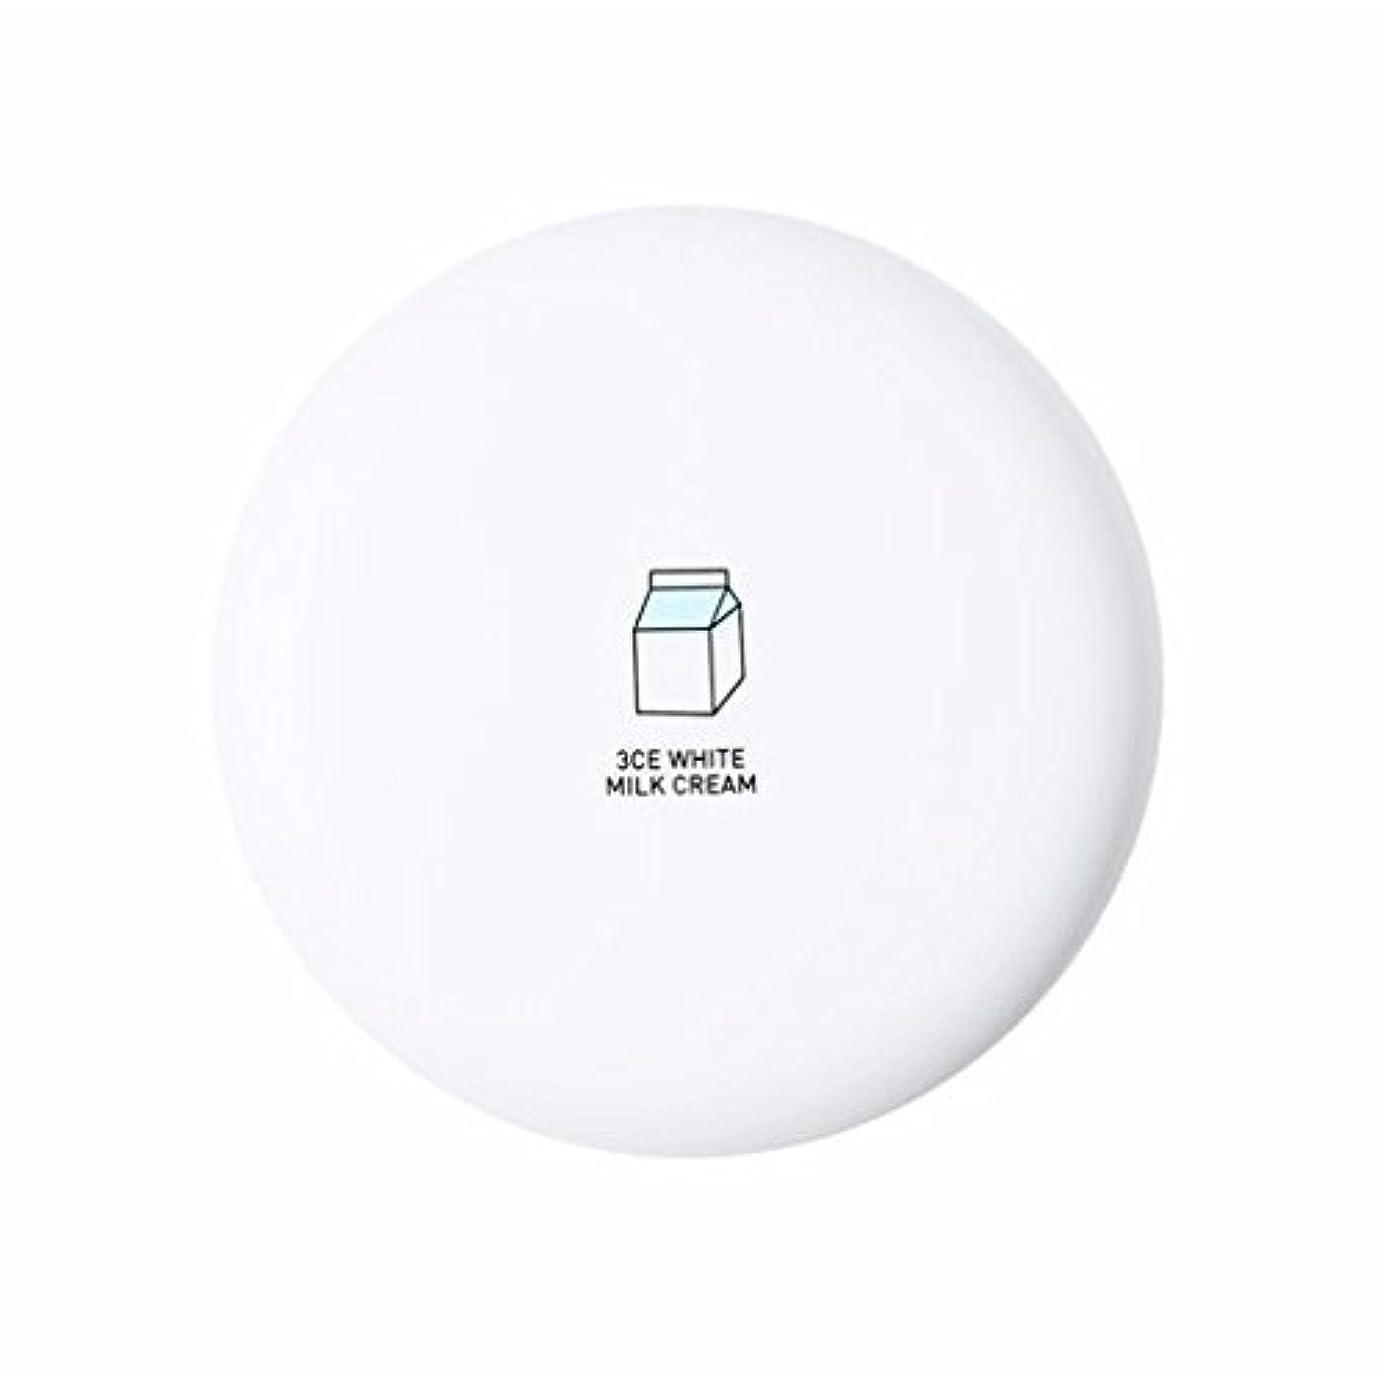 今まで一元化する一月スタイルナンダ  3CEホワイトミルククリーム 50ml [並行輸入品] / Style Nanda 3CE White Milk Cream 50ml (1.69fl.oz.)